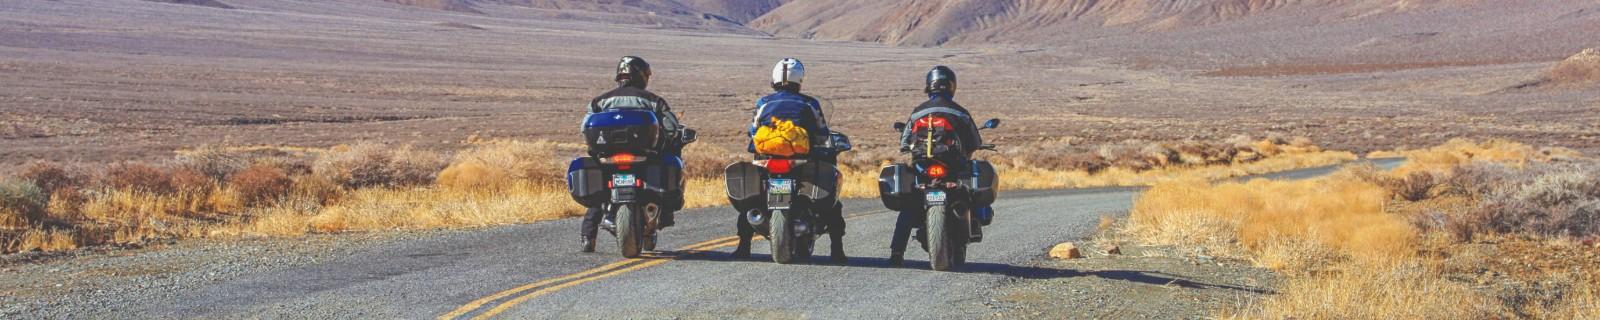 MOA Announces Fall Raffle Bikes